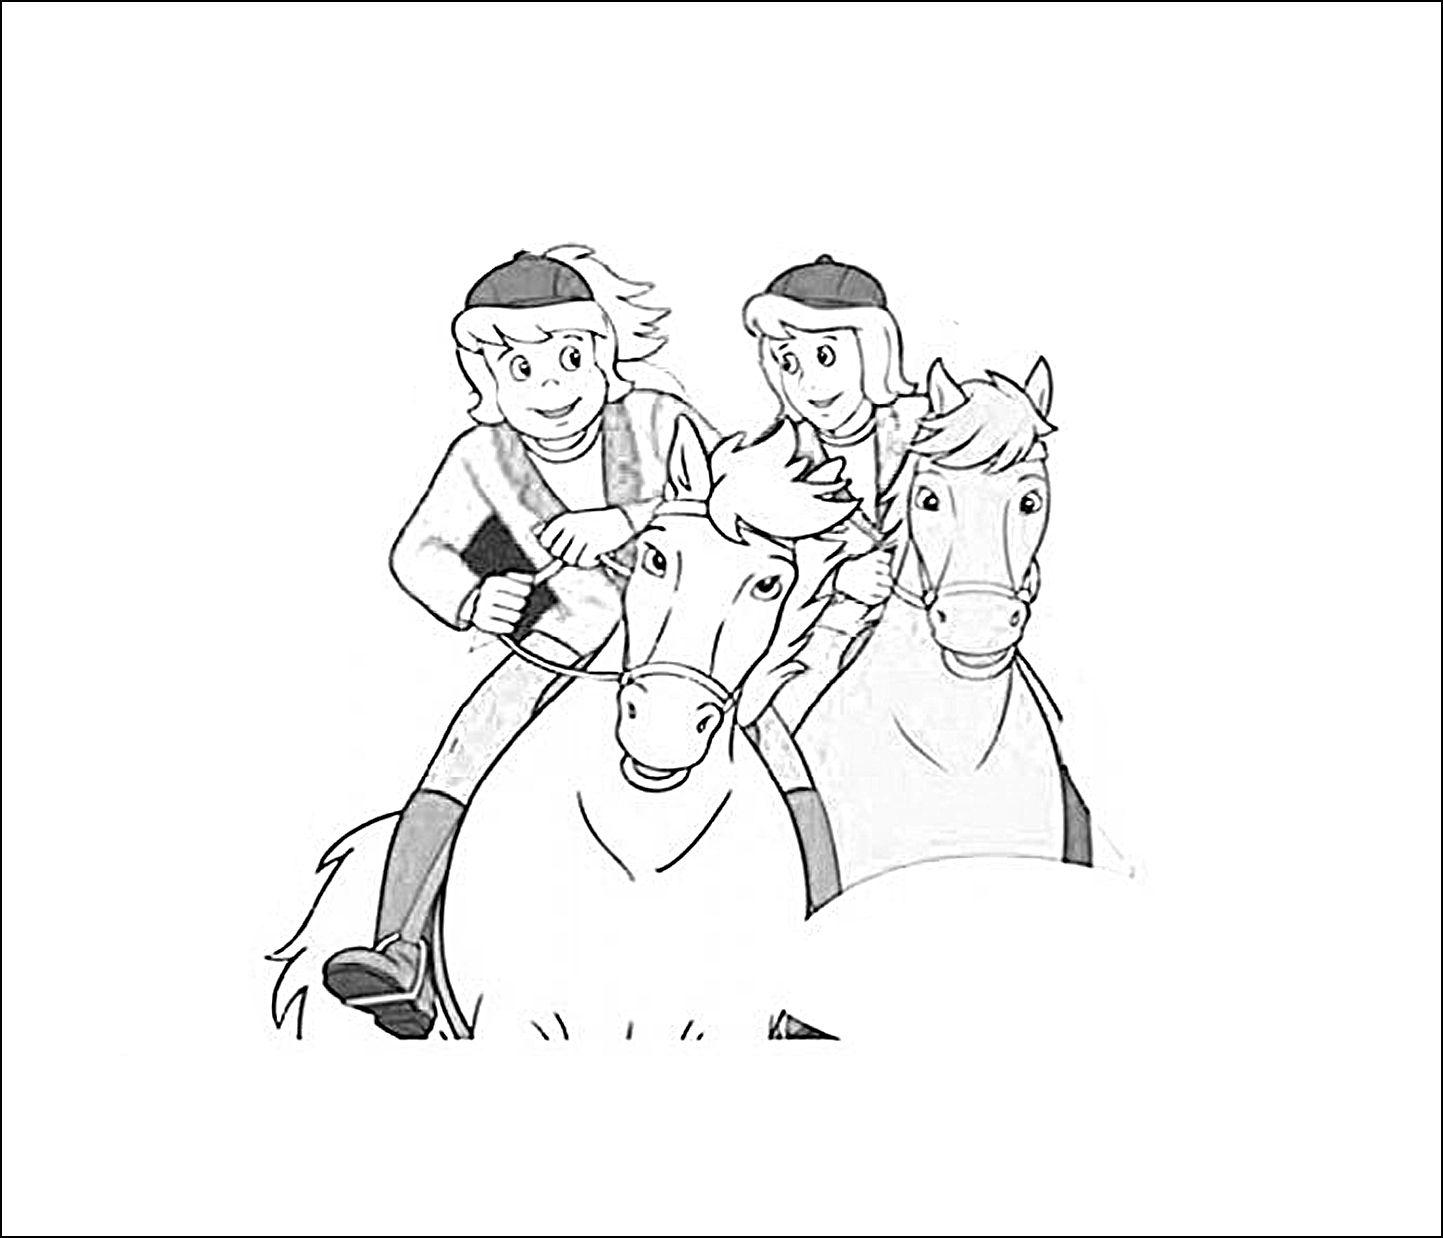 15 Beste Ausmalbilder Bibi Und Tina Kostenlos 1ausmalbilder Com Ausmalbilder Ausmalbilder Pferde Zum Ausdrucken Malvorlagen Pferde